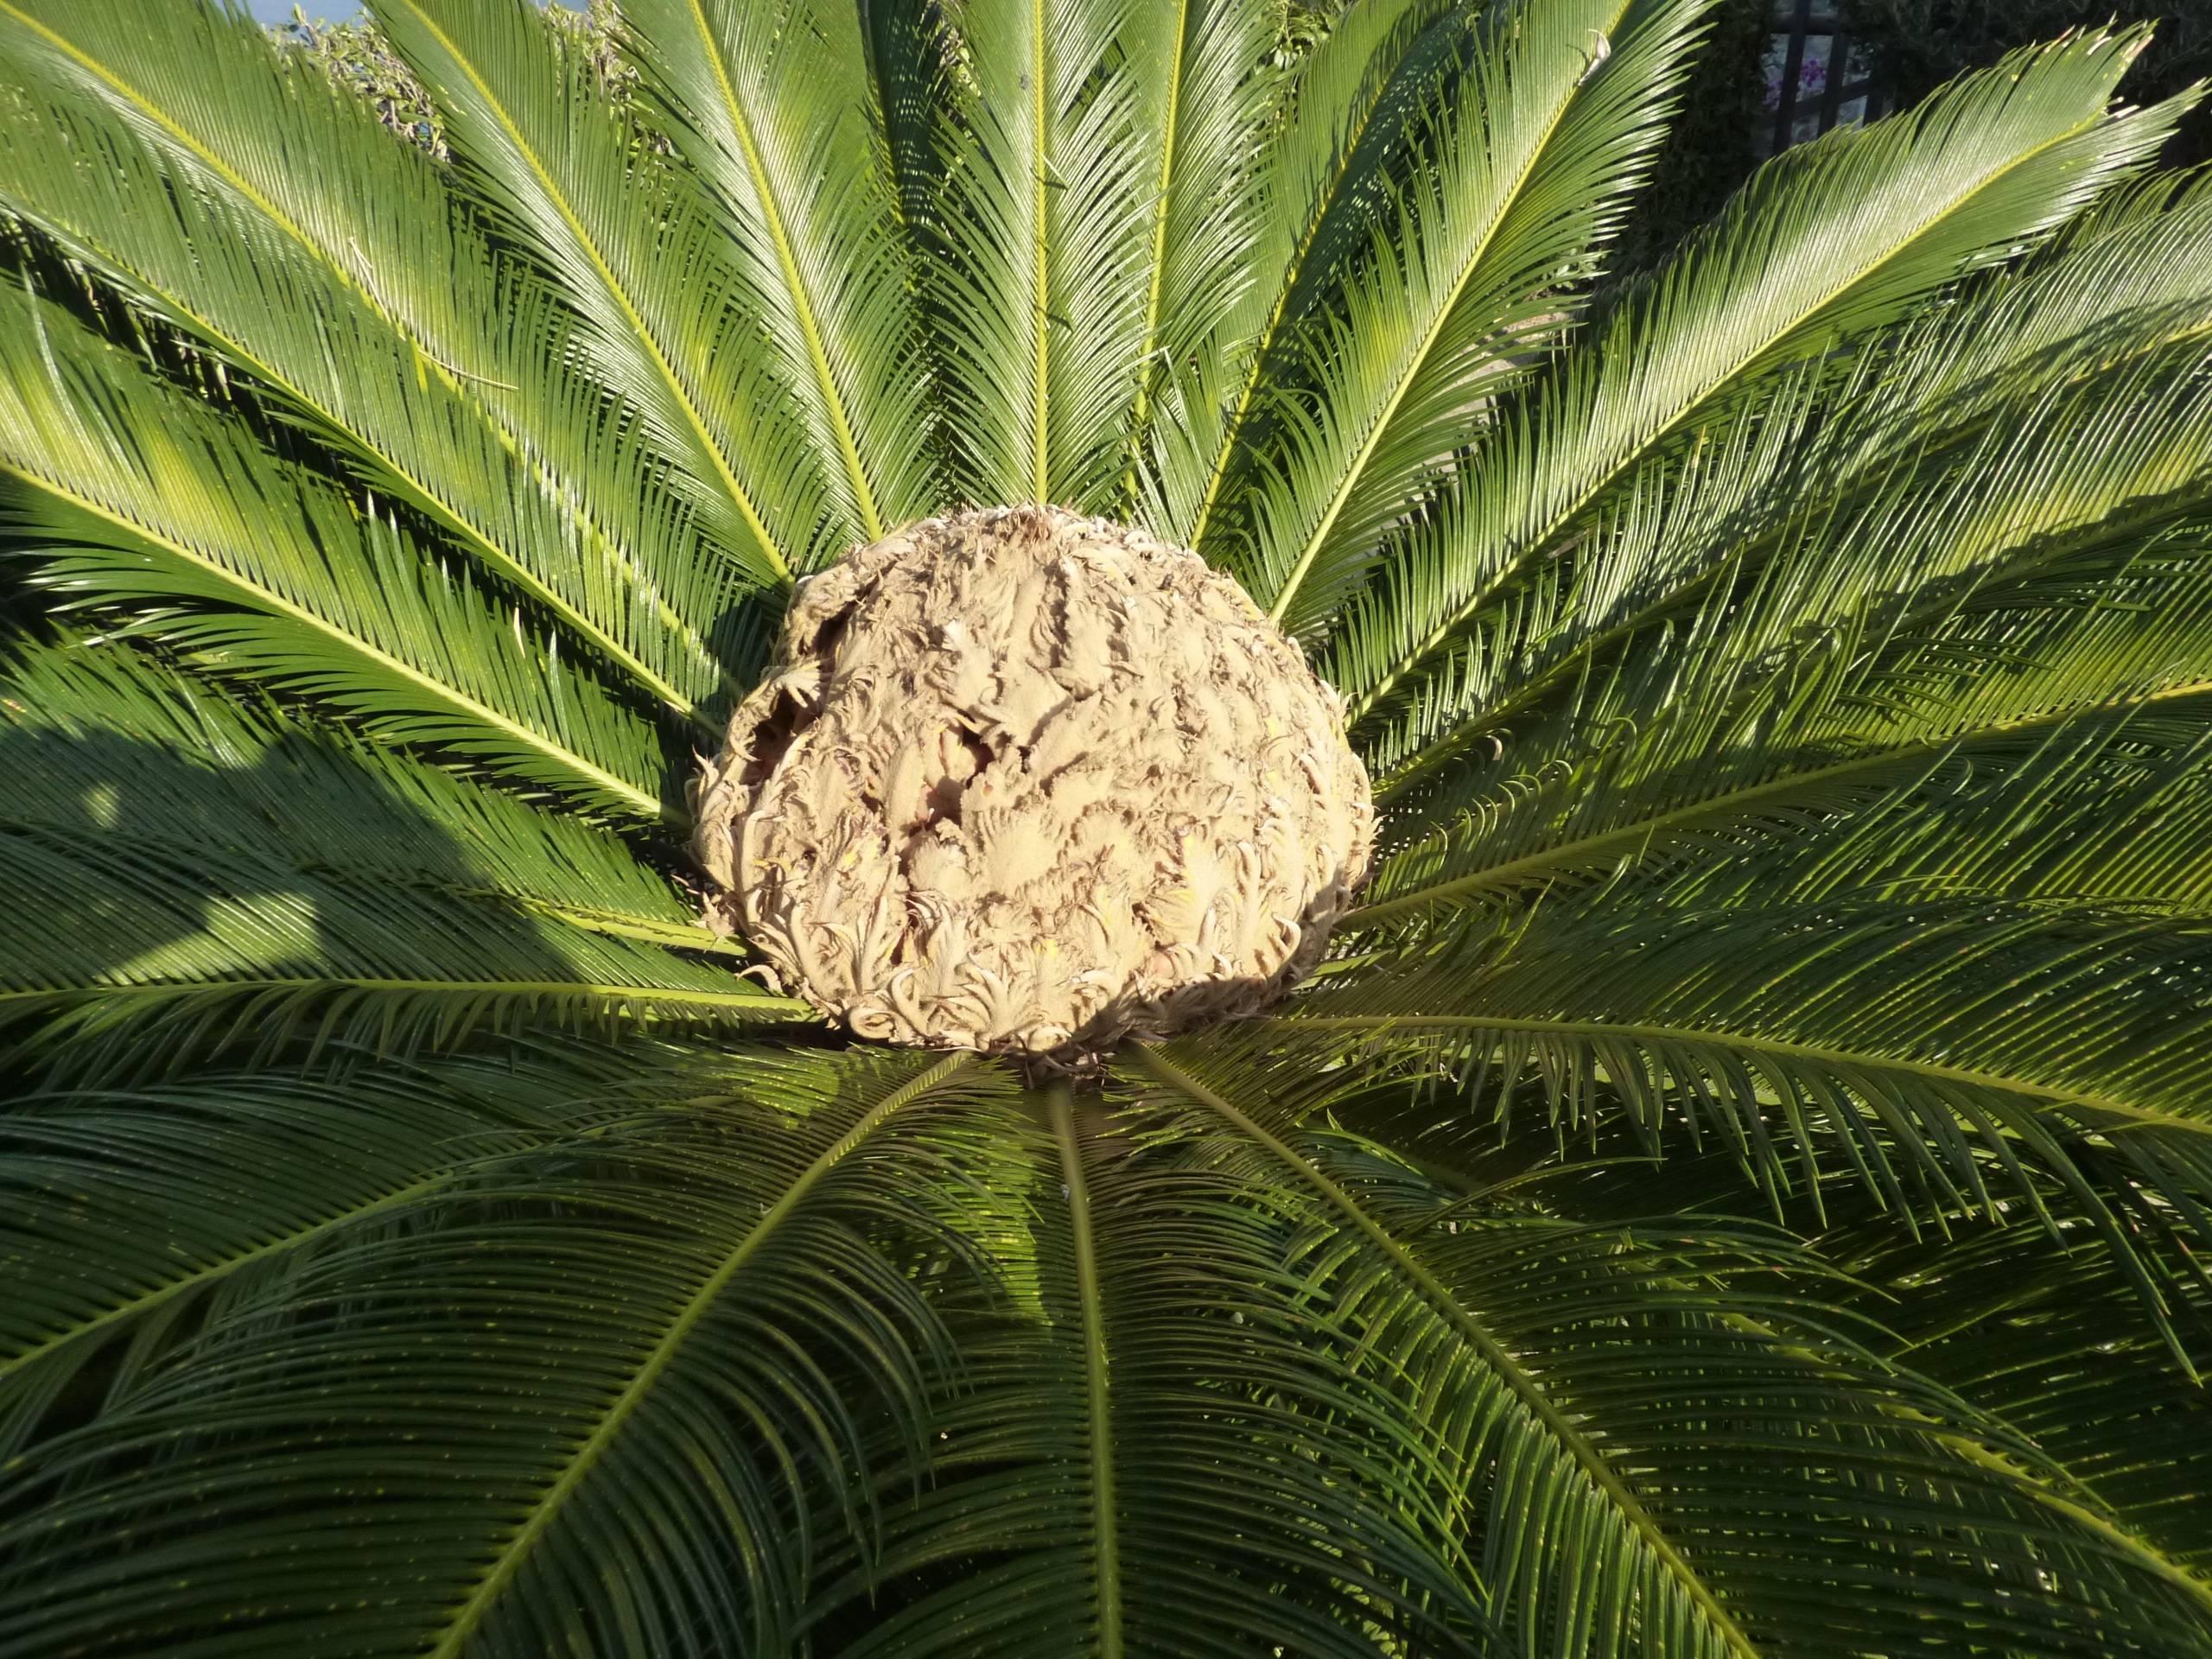 Кокосовая пальма в домашних условиях: реально или нет? кокосовая пальма в домашних условиях